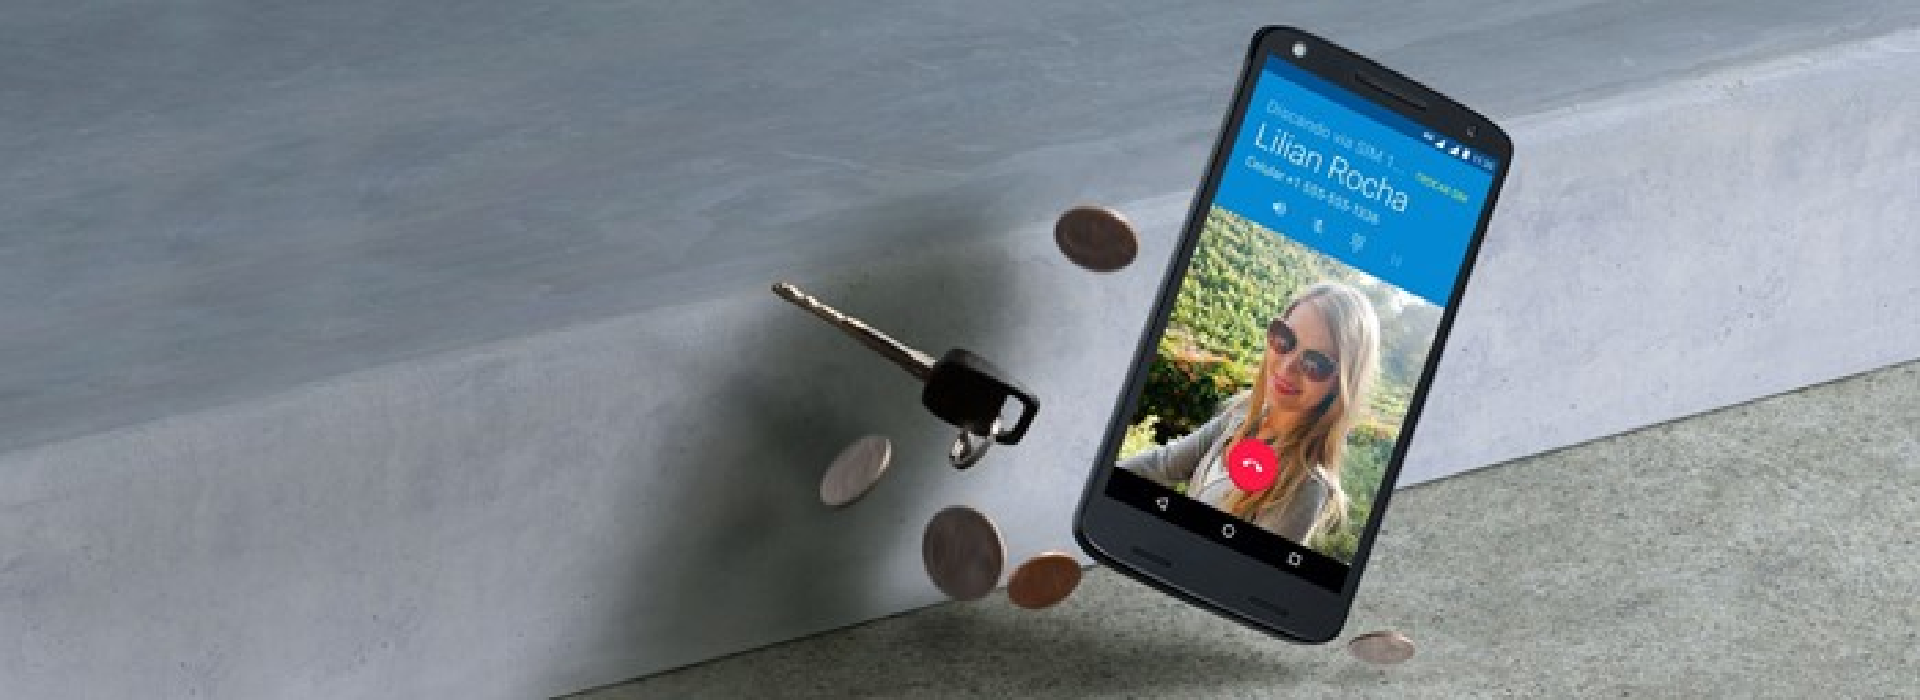 e0241385c Conheça todos os celulares Moto e descubra qual é o melhor pra você ...